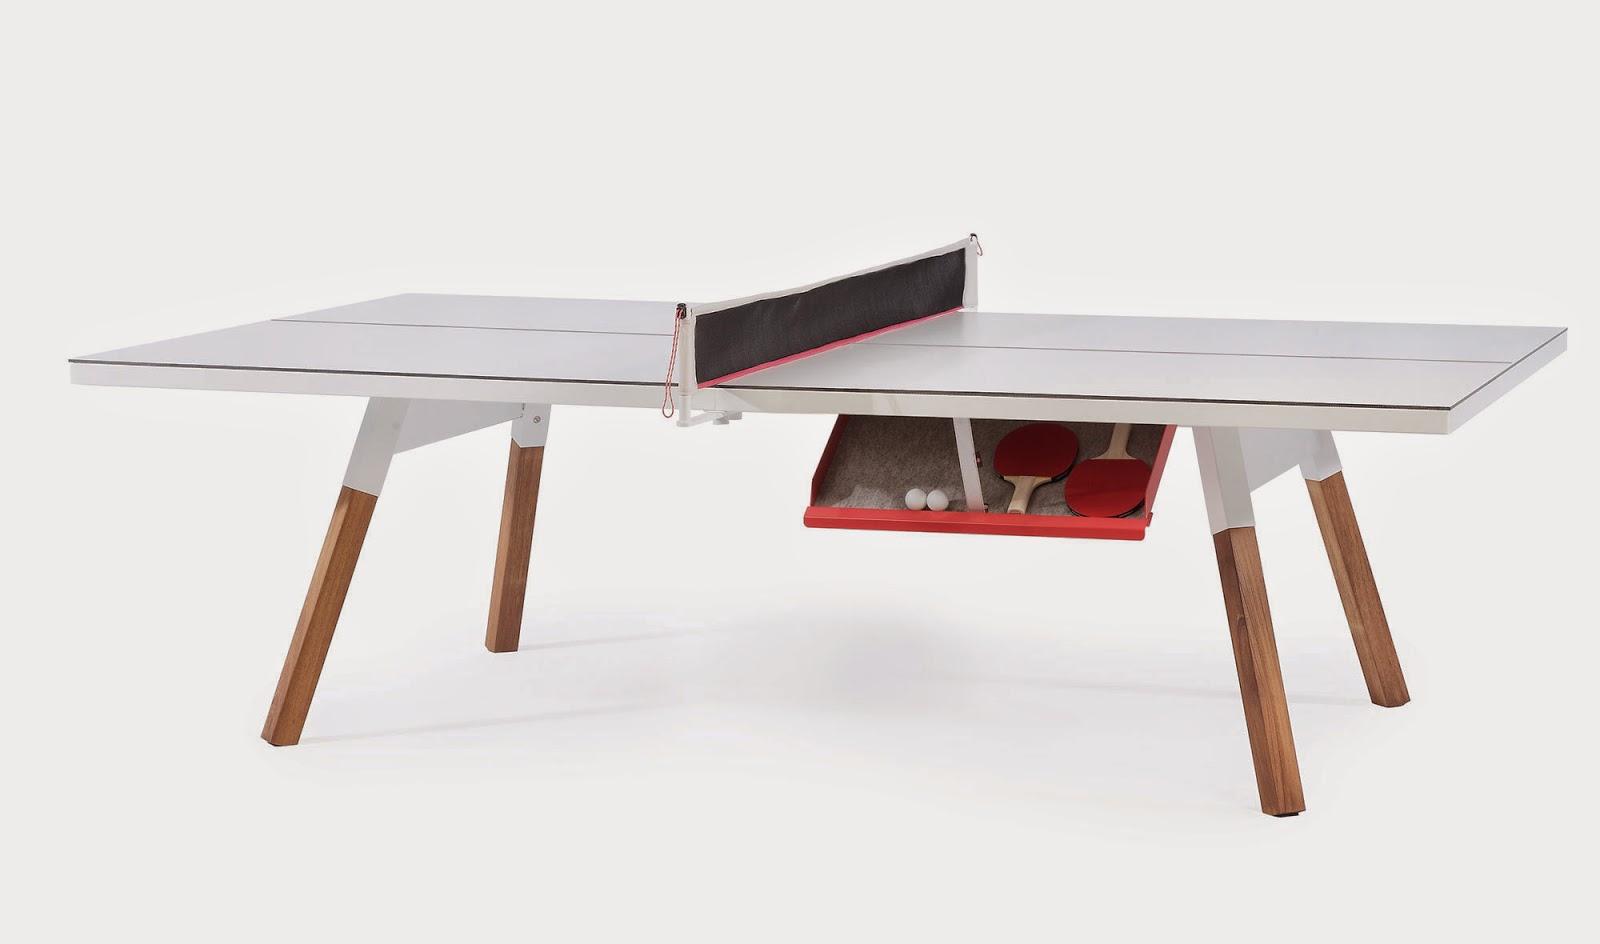 lo mejor de esta mesa convertible en mesa de ping pong es que cuenta con varias en blanco o negro para encajar mejor en nuestra decoracin